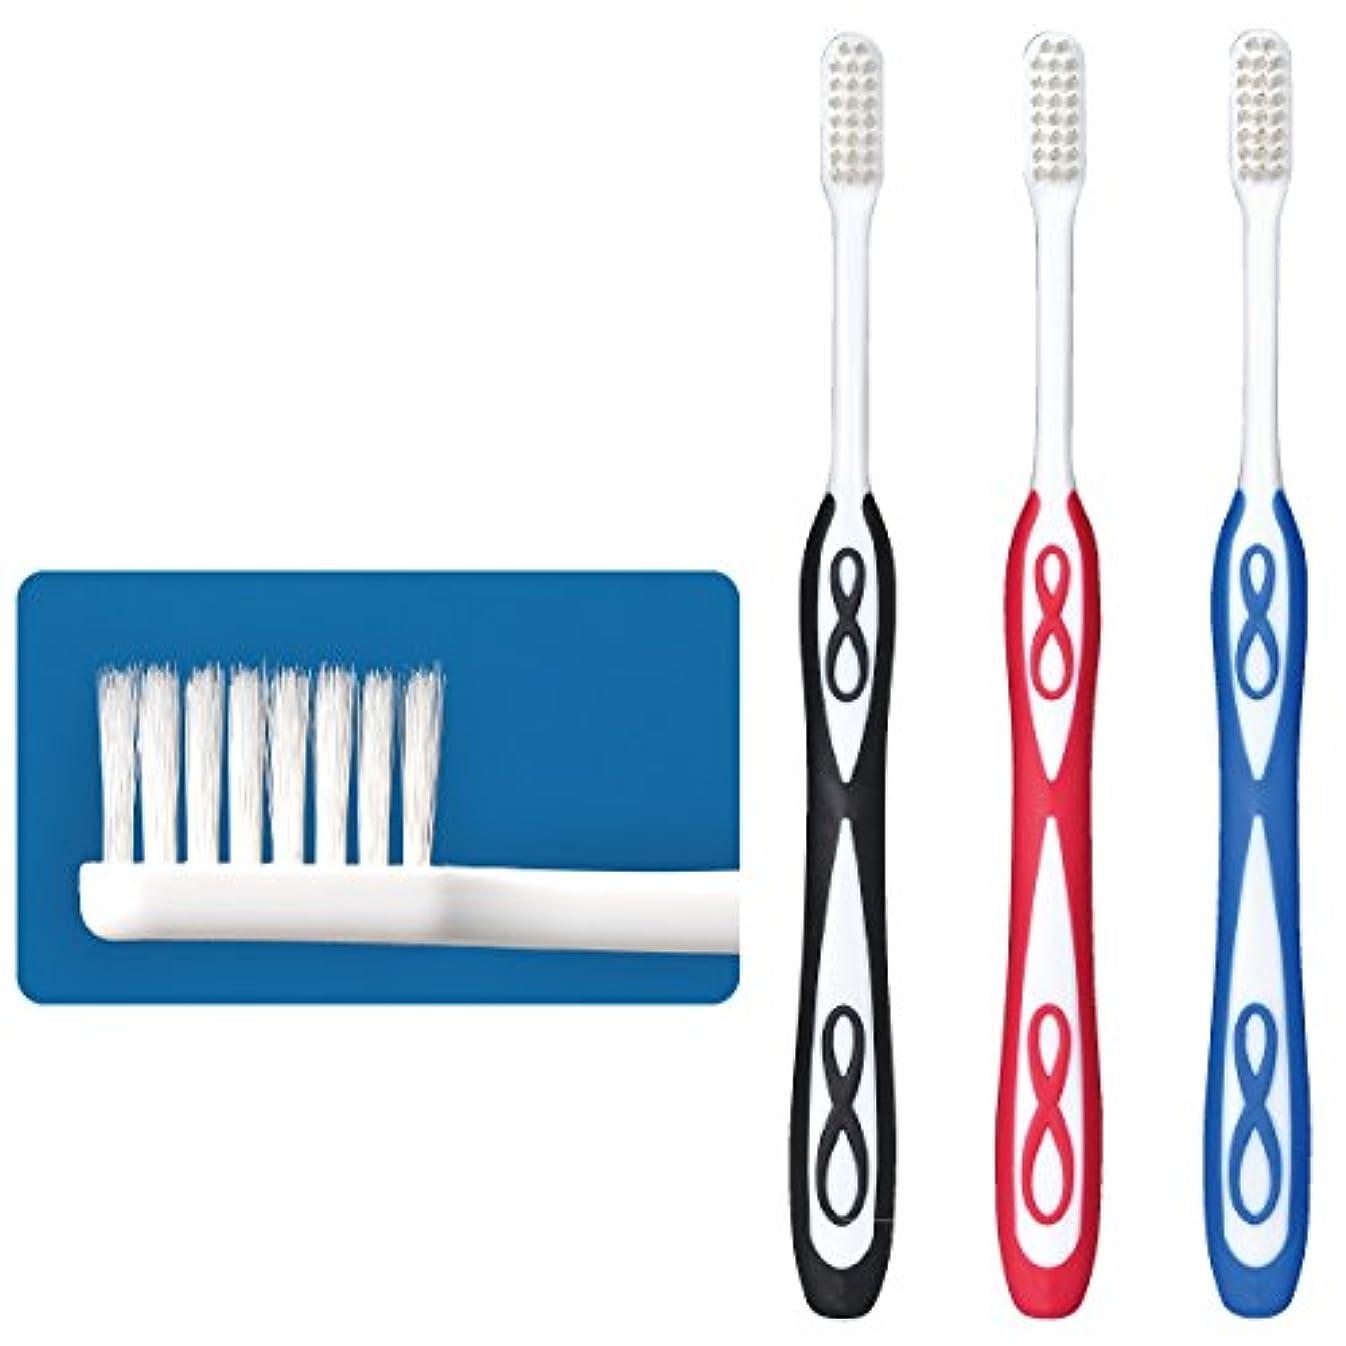 擬人農業のメイエラLover8(ラバーエイト)歯ブラシ レギュラータイプ オールテーパー毛 Mふつう 30本入